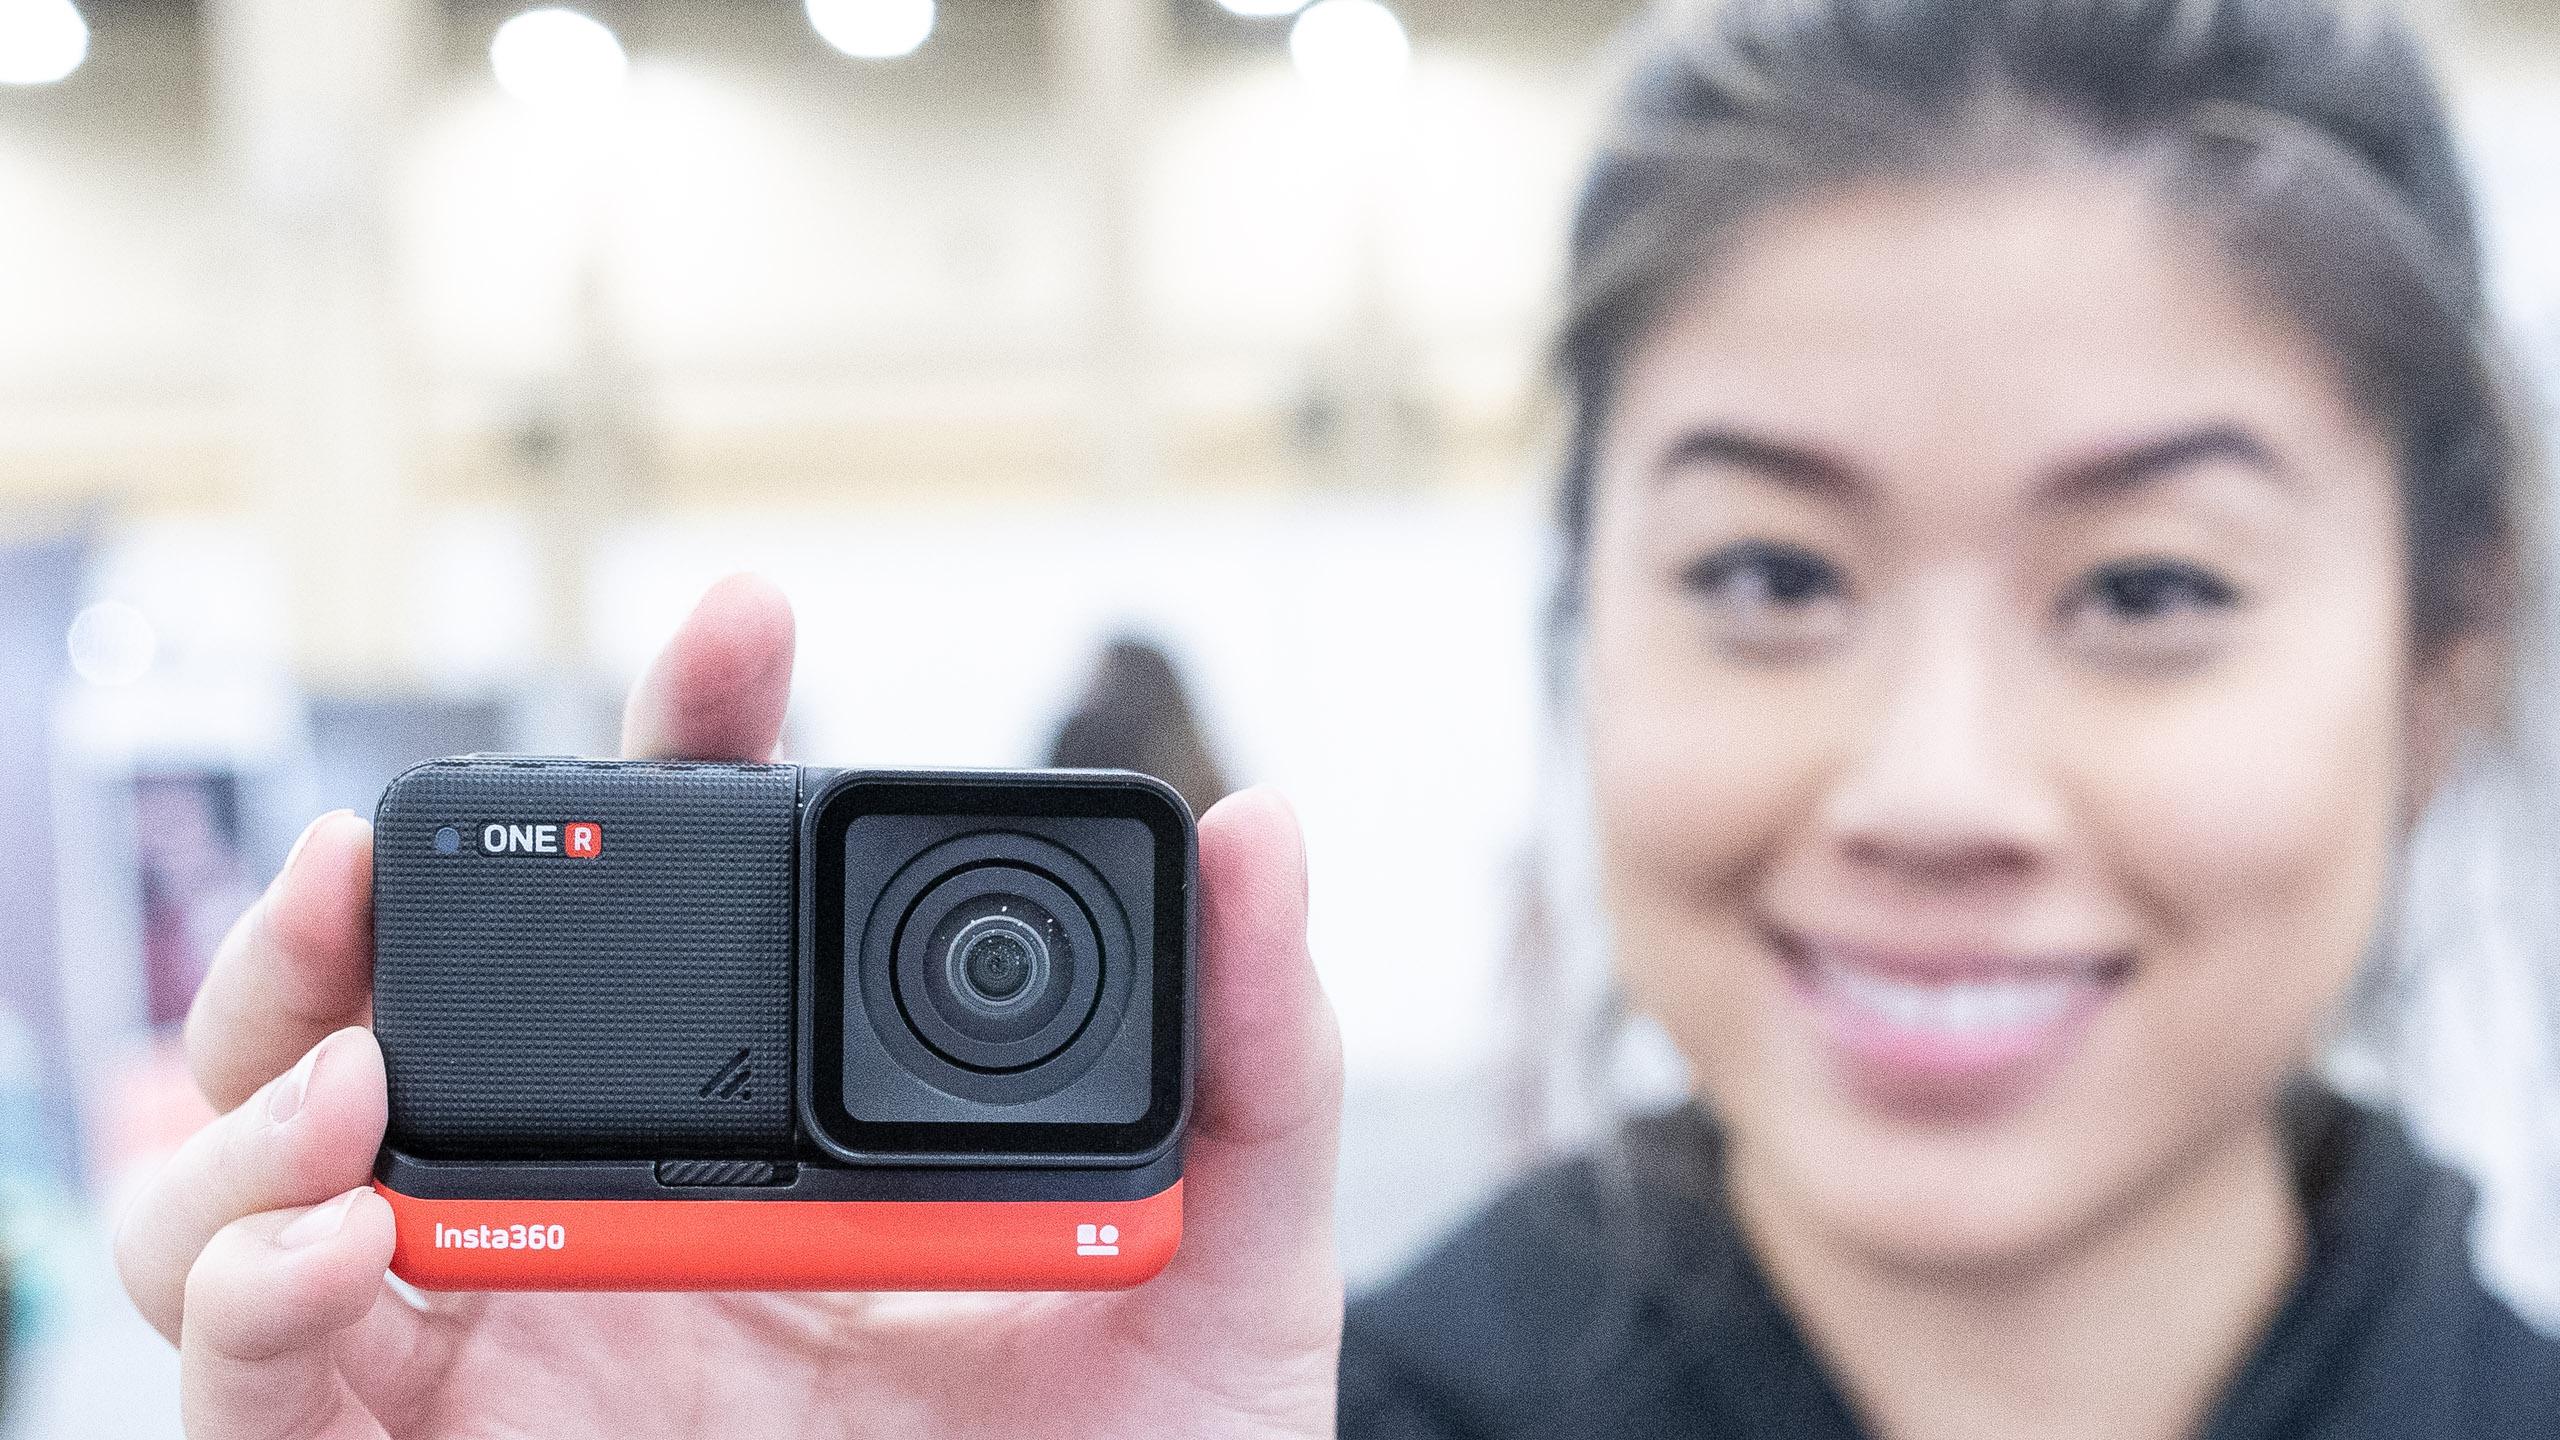 OneR modular action camera from Insta360